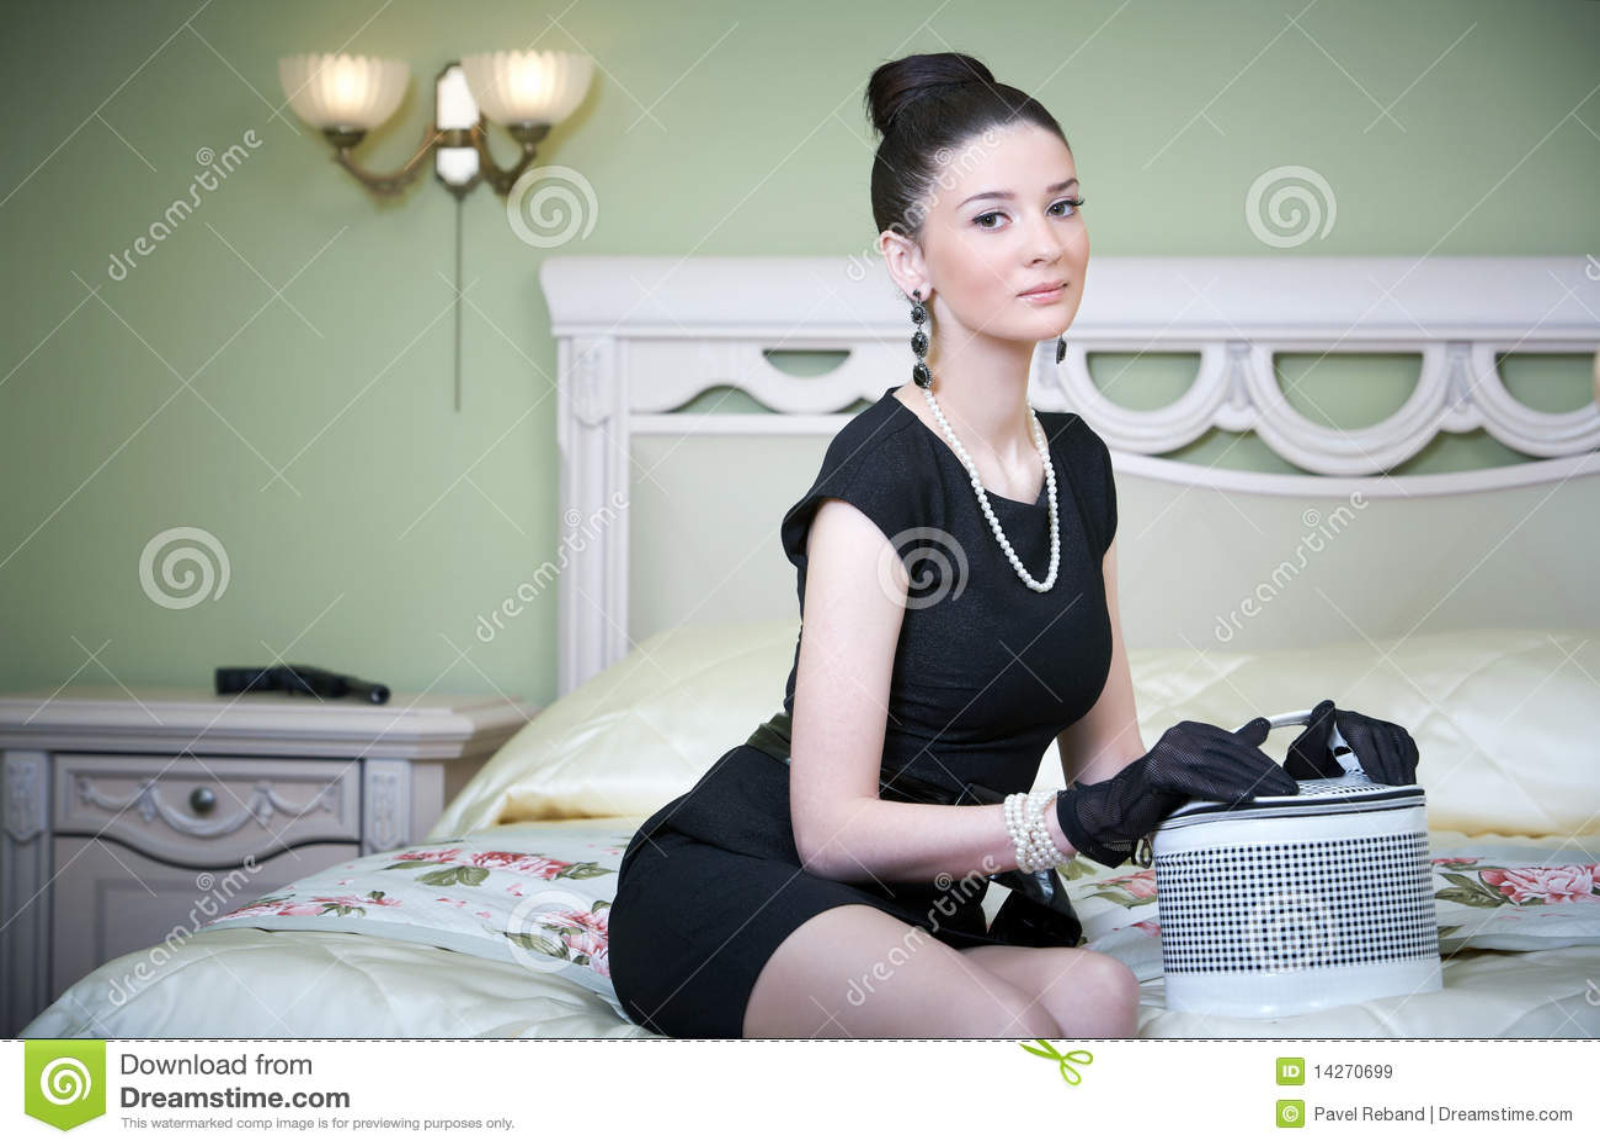 Retro woman posing